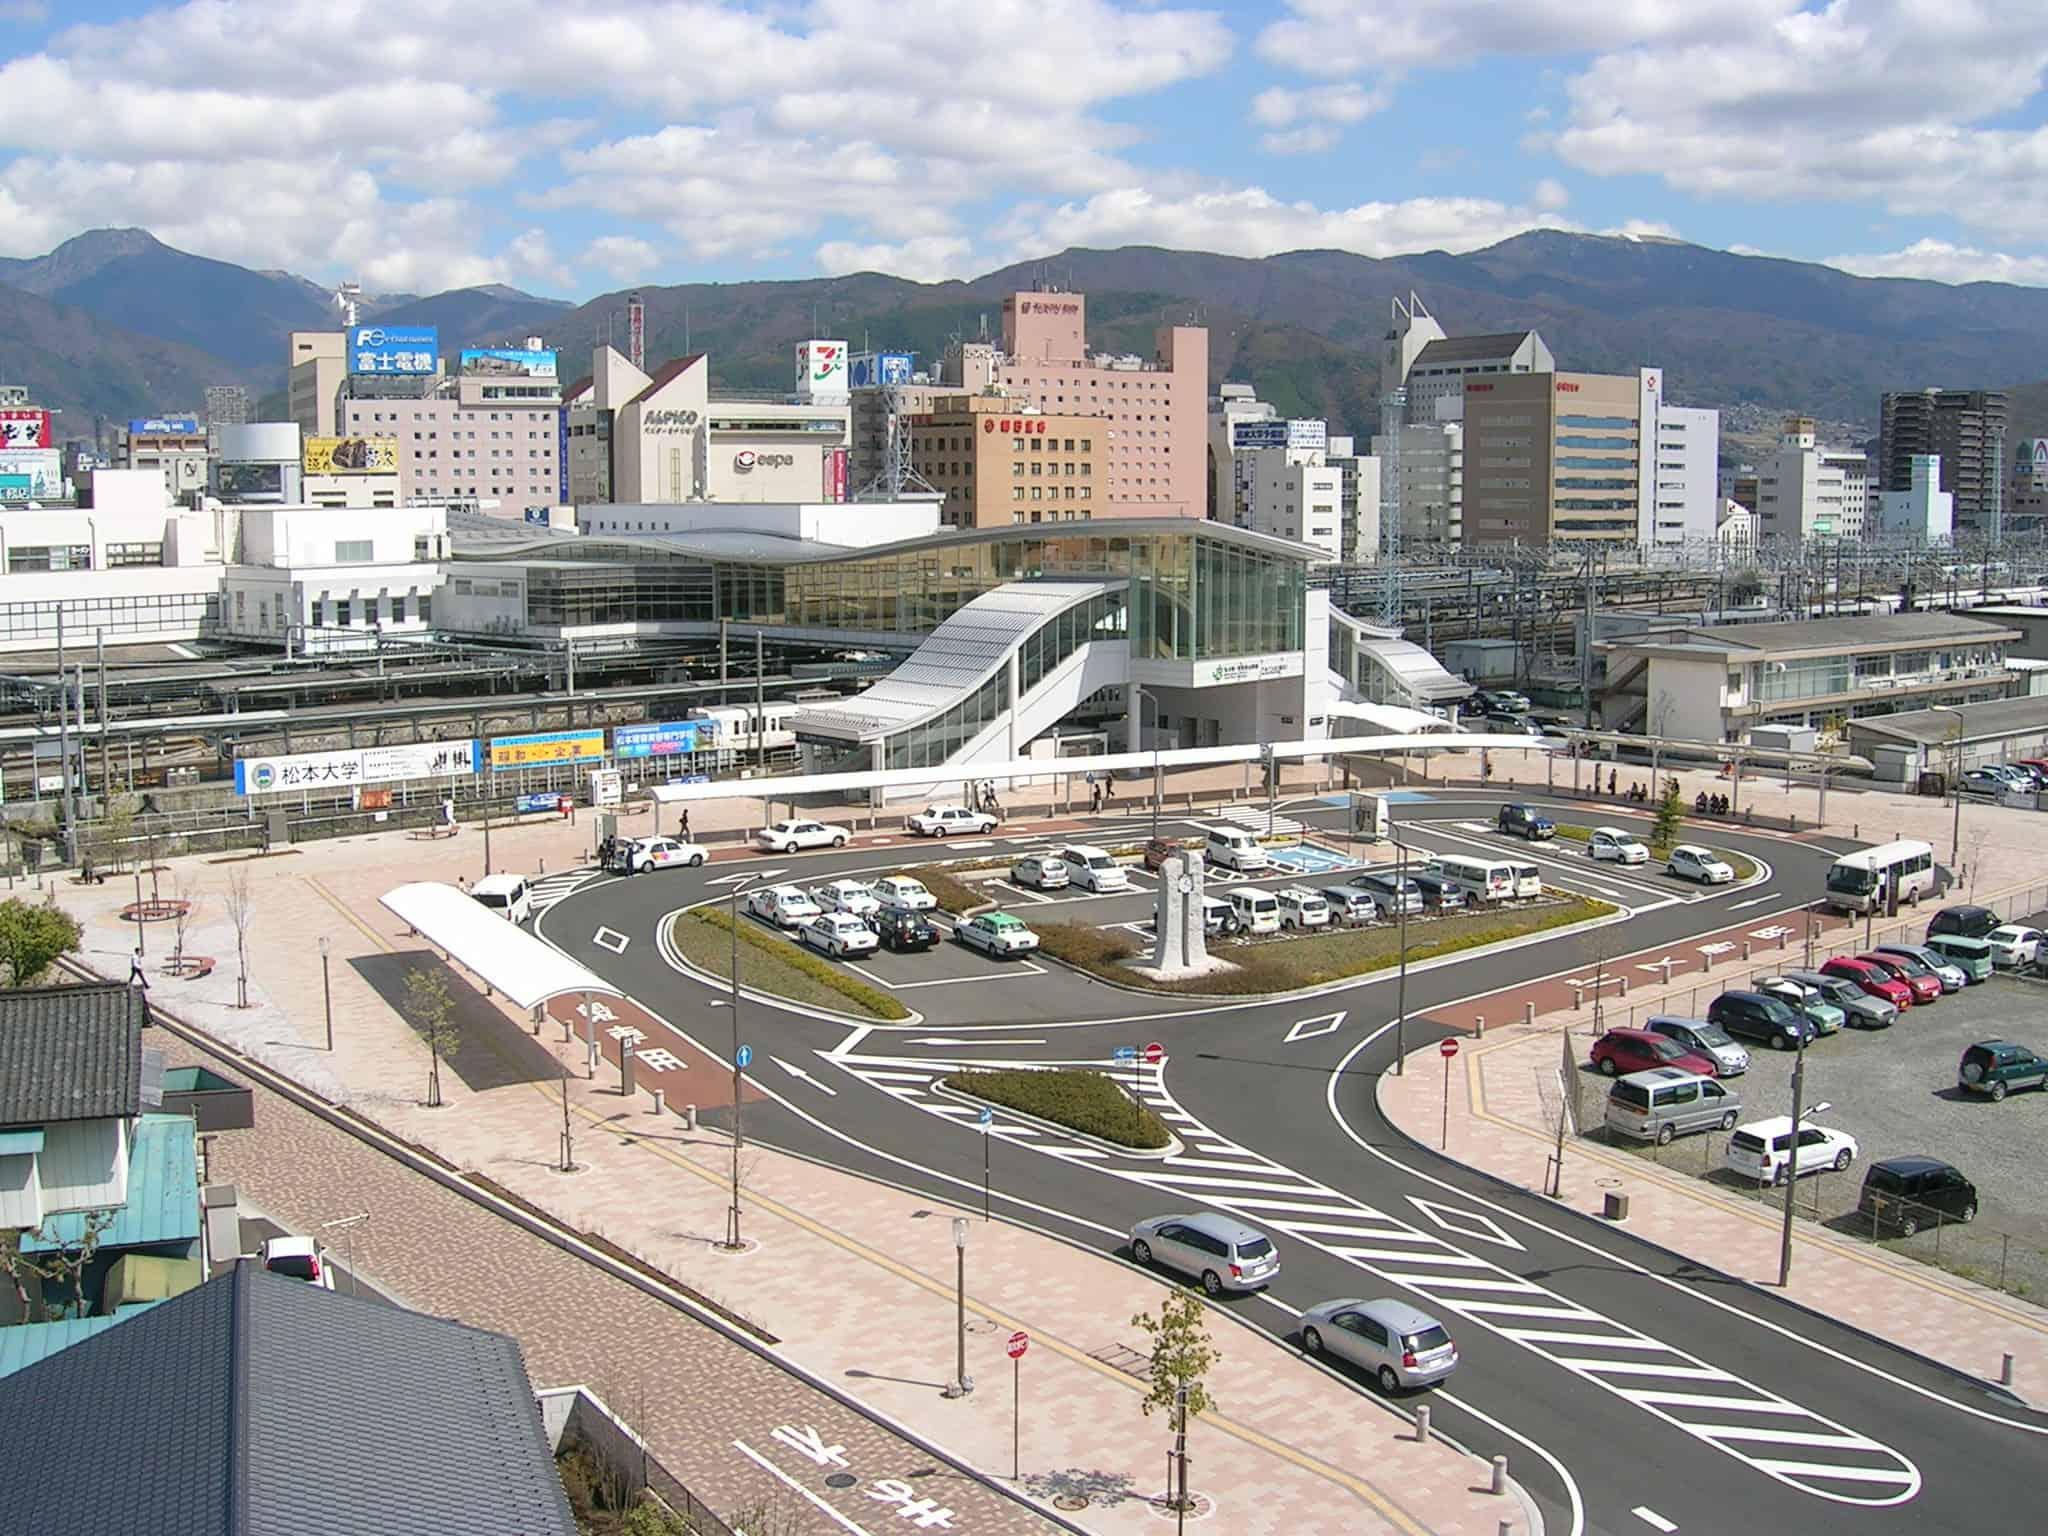 สถานีมัตสึโมโตะ จุดเชื่อมต่อไปยังเมืองอื่นๆ